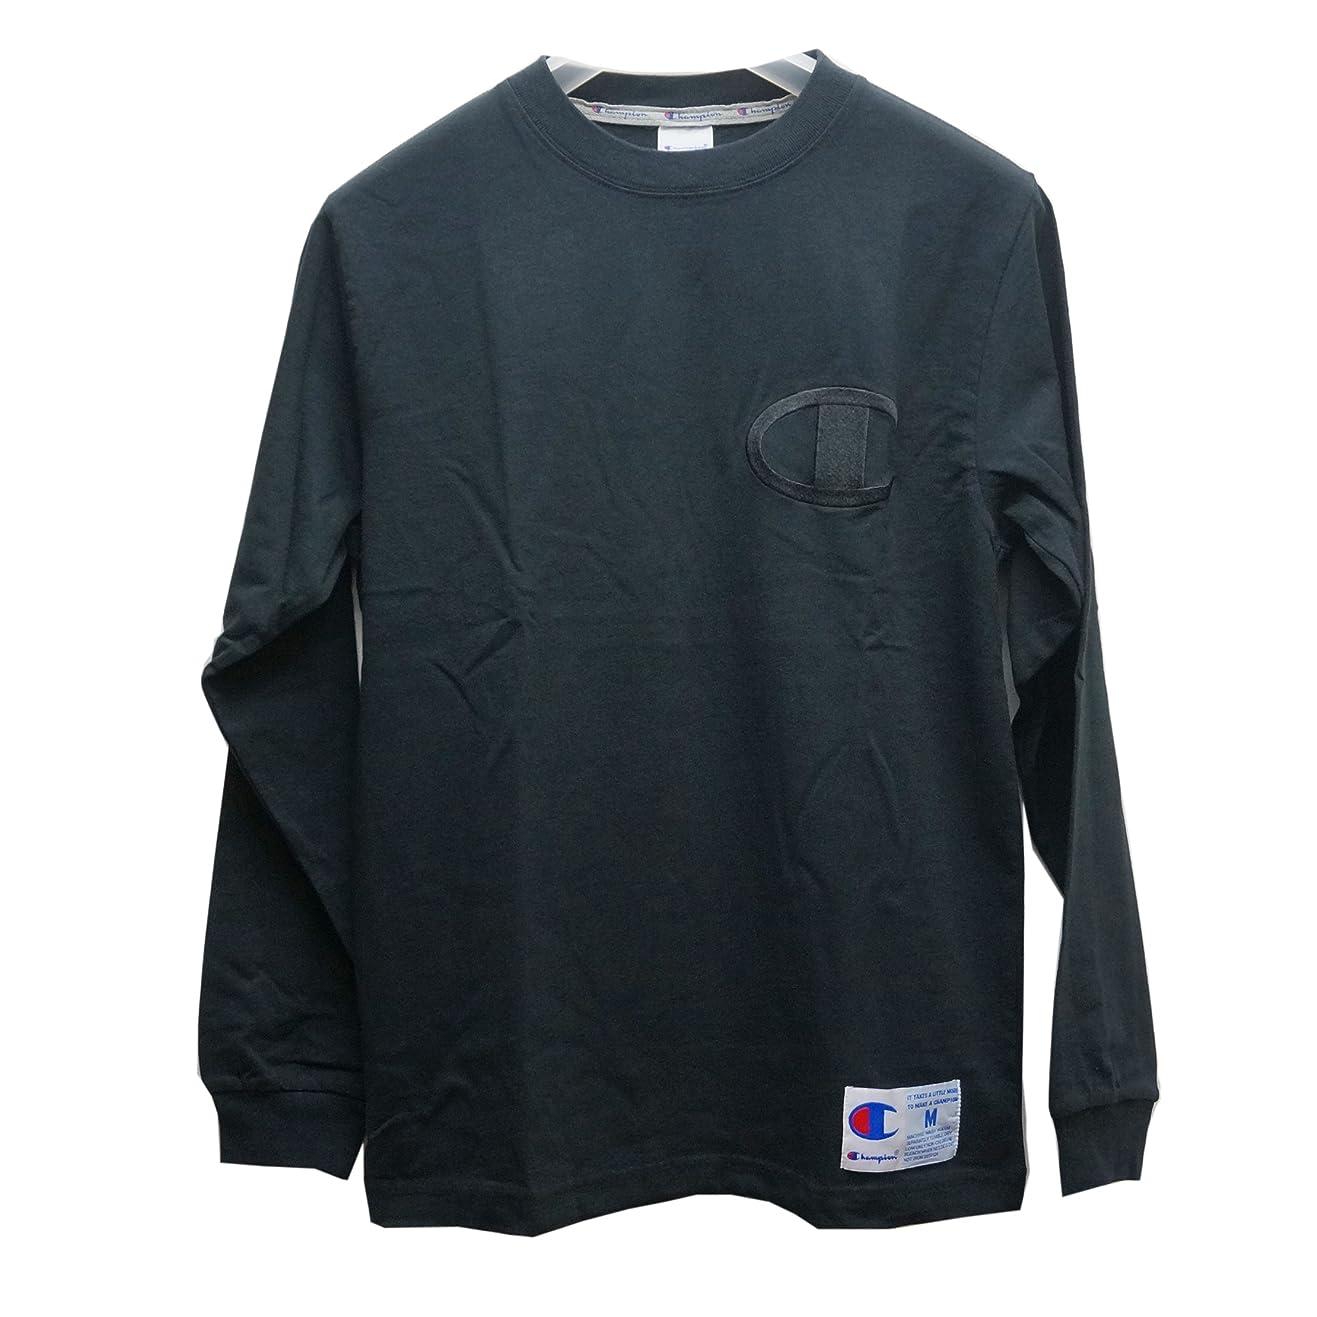 最小化するバランスのとれた日焼け(チャンピオン) CHAMPION ロンT BIG LOGO L/S Tee ブラック 黒 BLACK C3-L422 メンズ 長袖